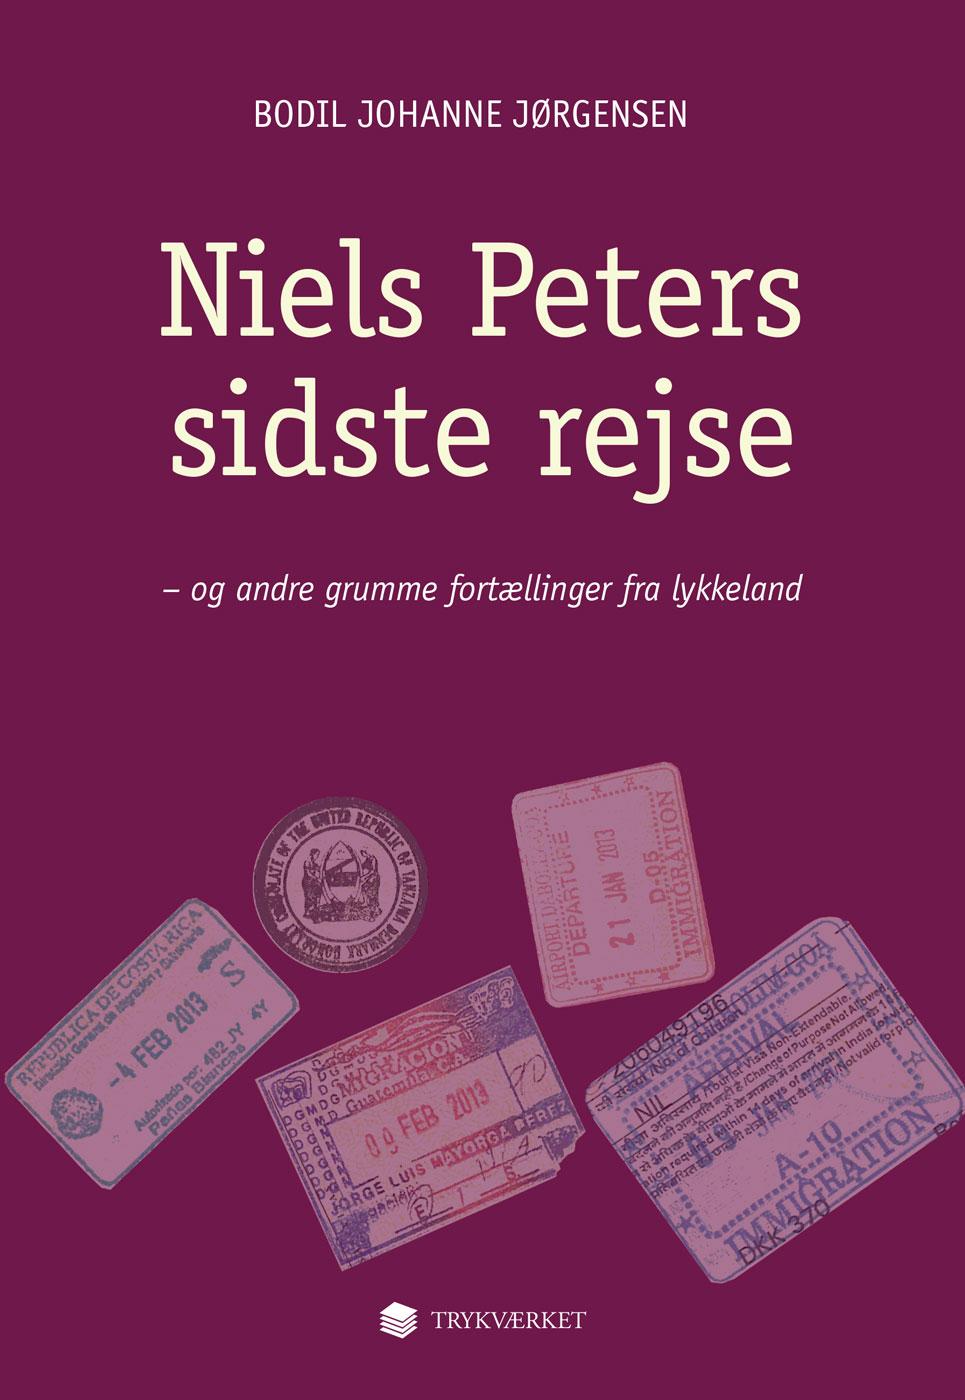 N/A – Niels peters sidste rejse - og andre grumme fortællinger fra lykkeland - e-bog på bog & mystik